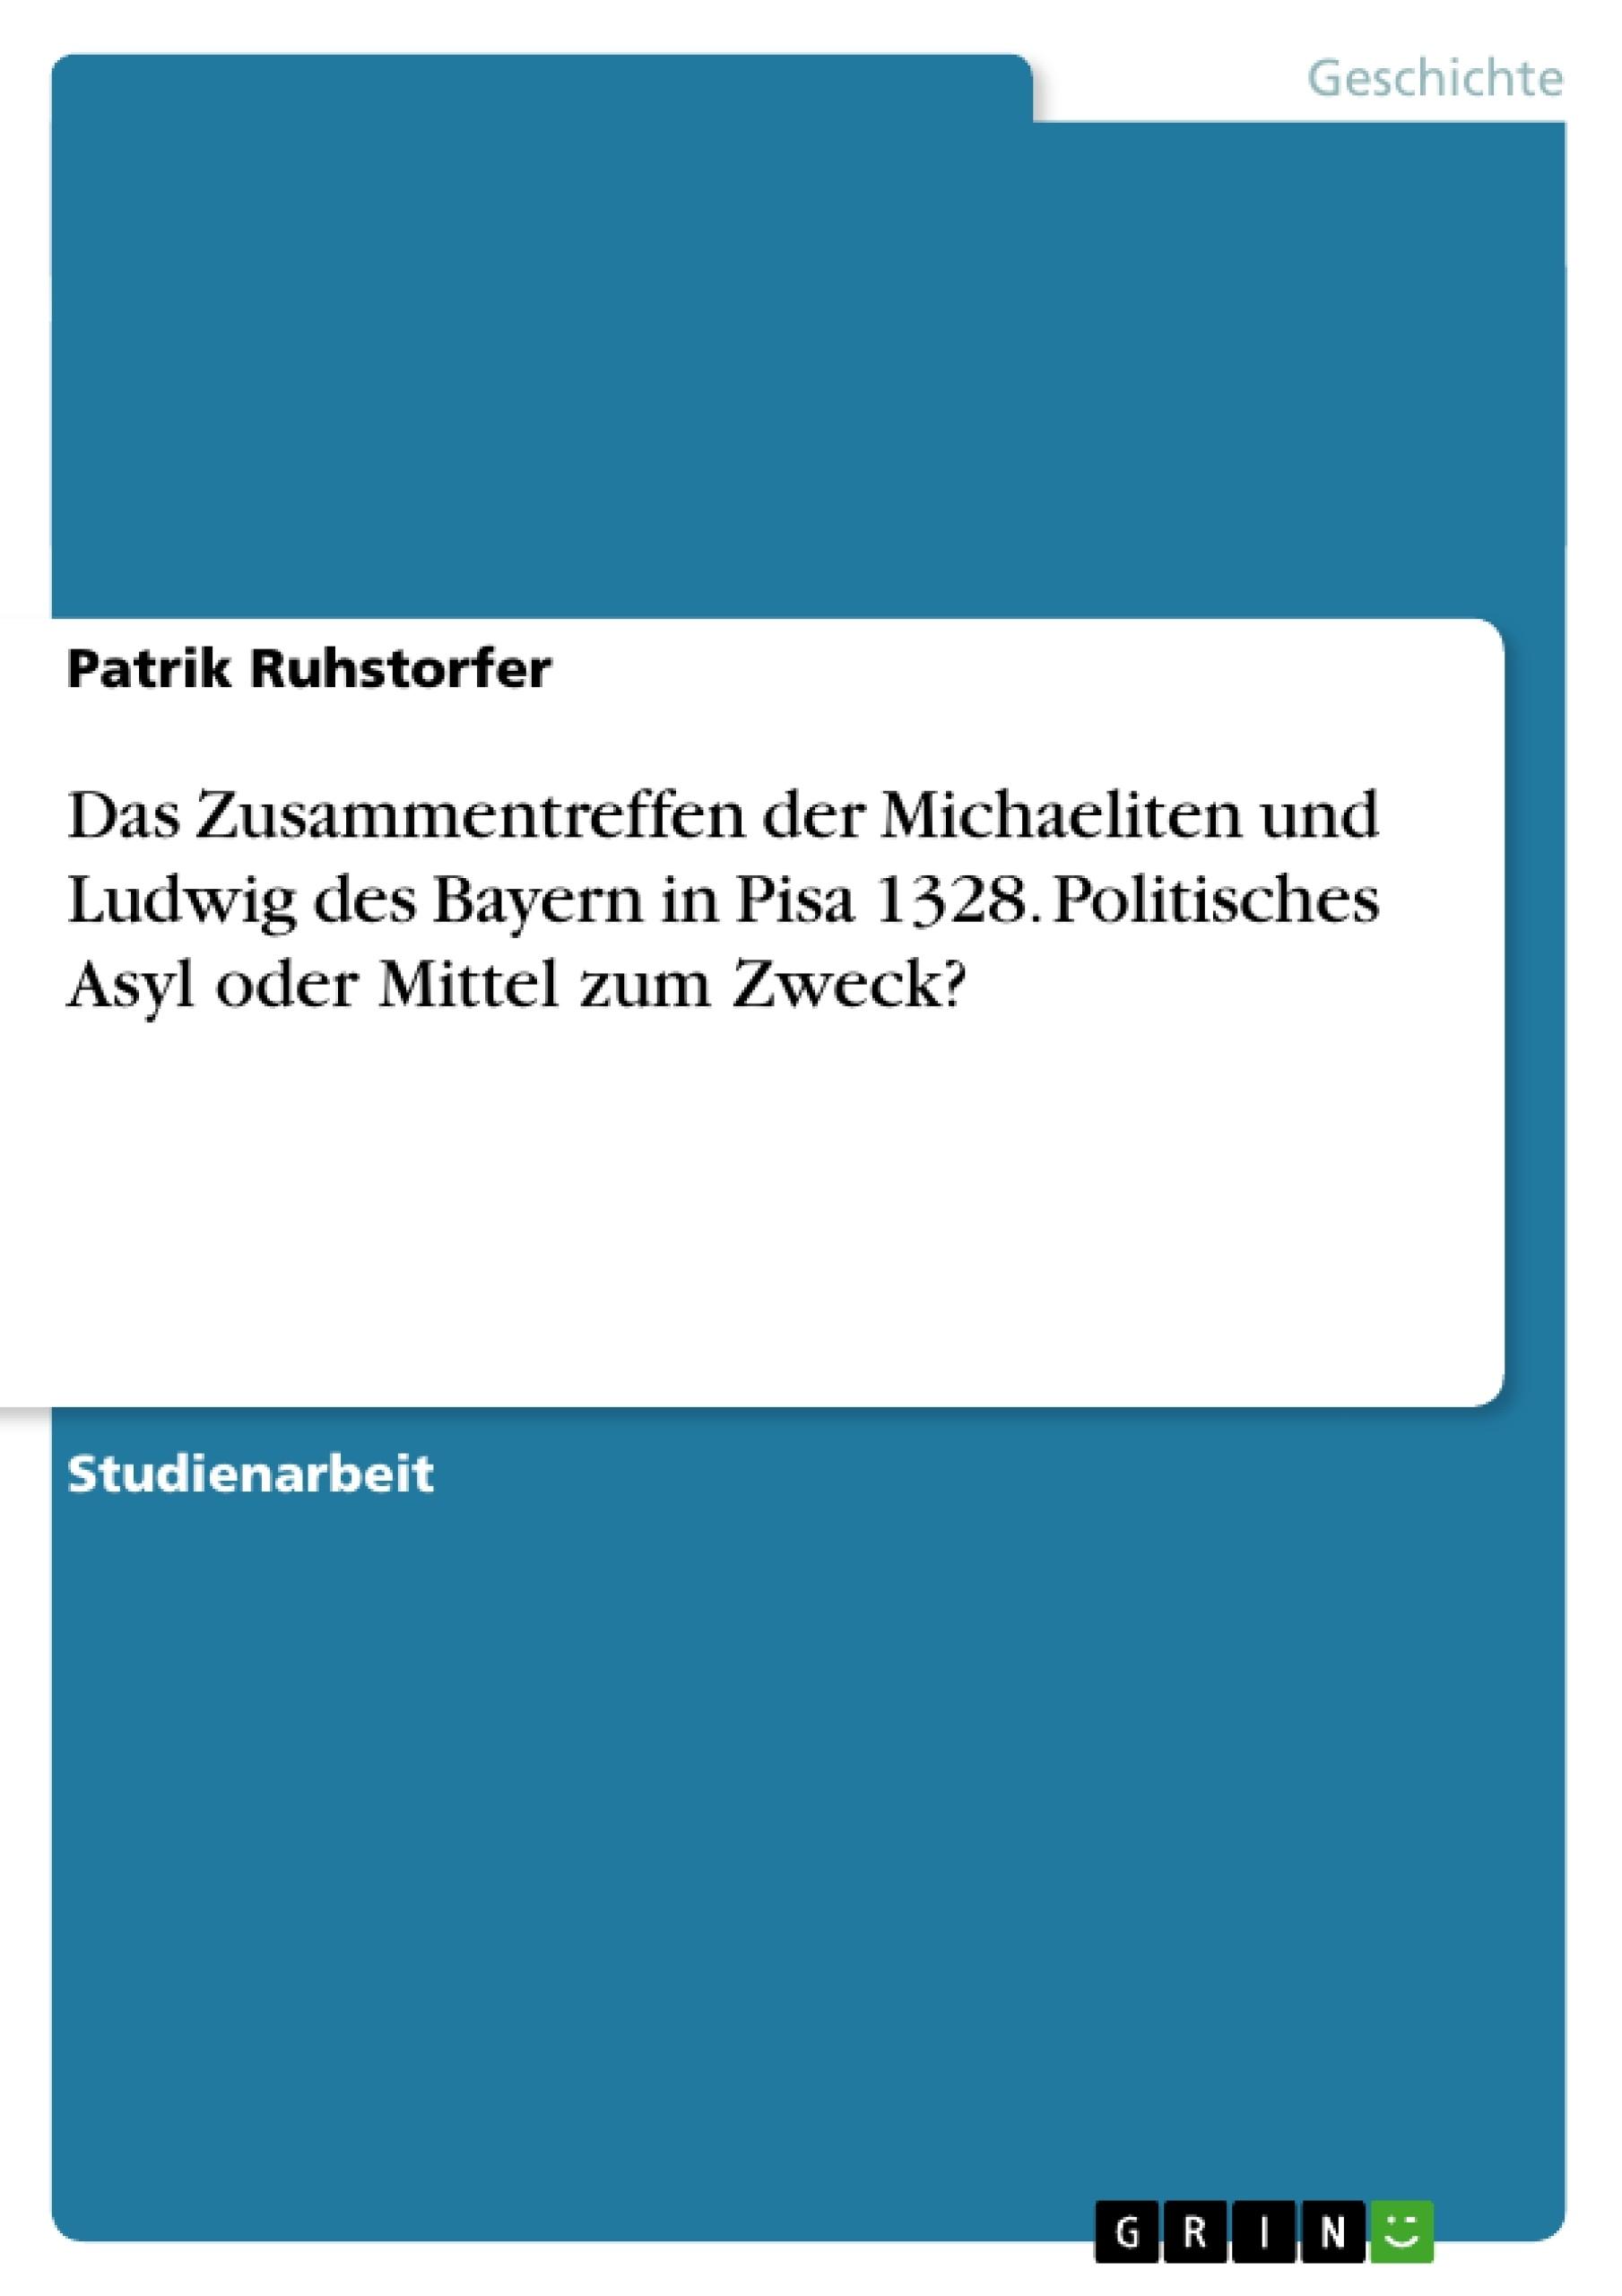 Titel: Das Zusammentreffen der Michaeliten und Ludwig des Bayern in Pisa 1328. Politisches Asyl oder Mittel zum Zweck?